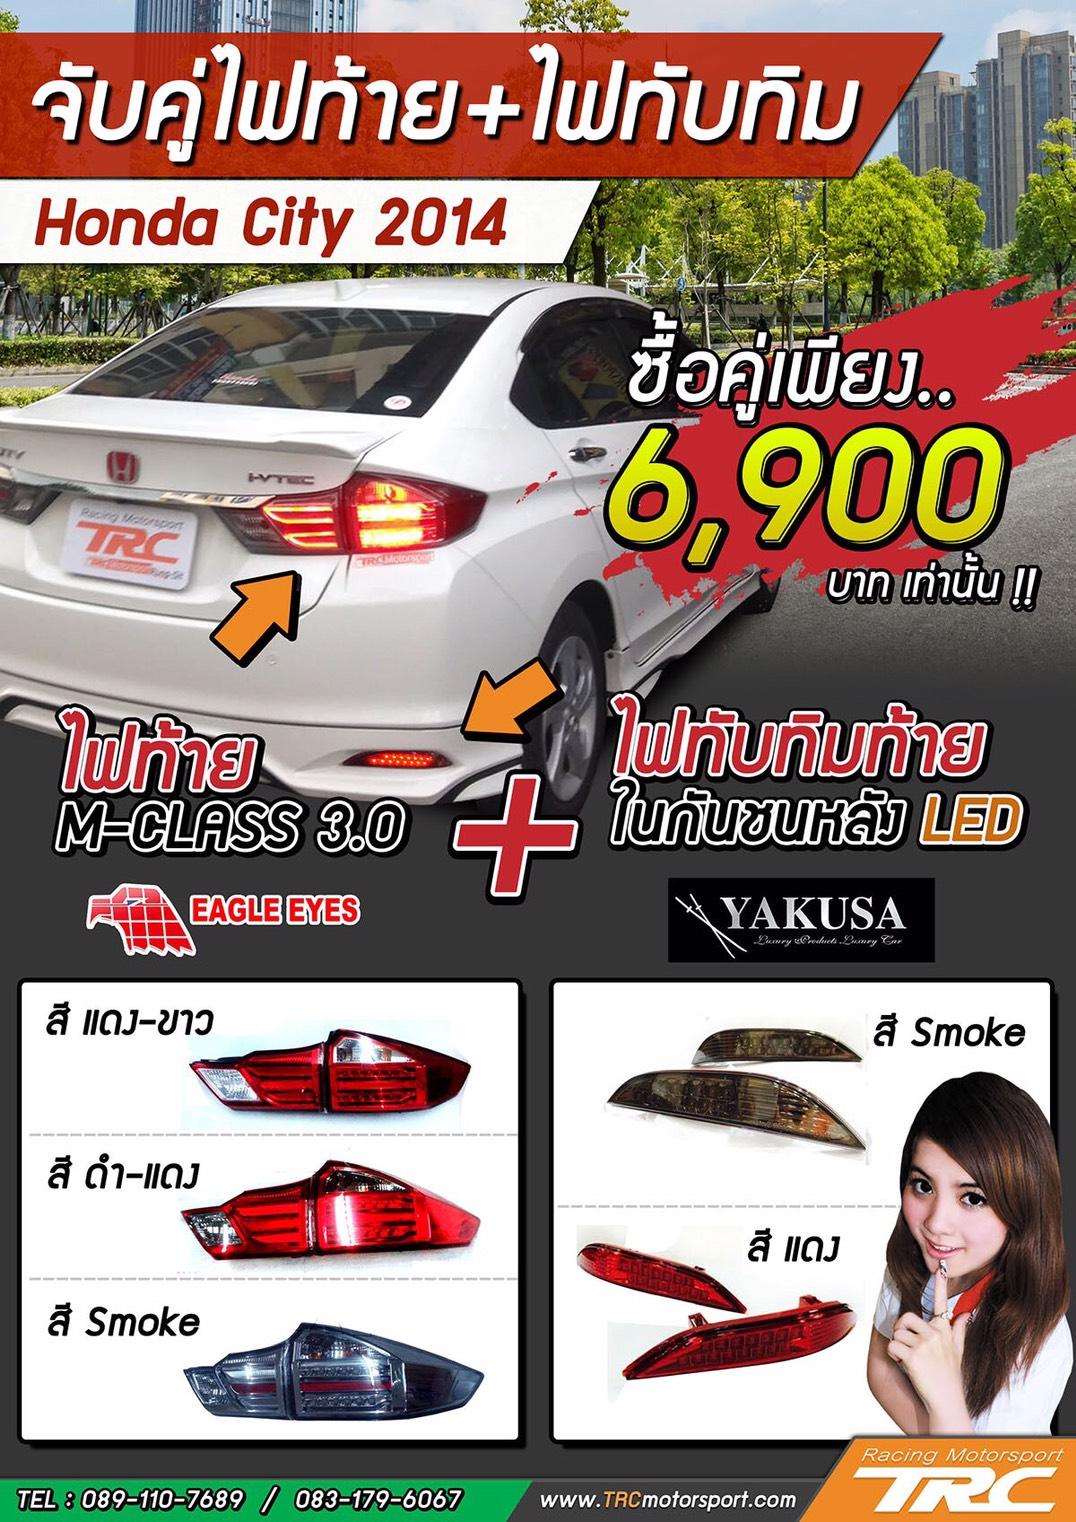 ไฟท้าย ไฟทับทิม Honda CIty 2014